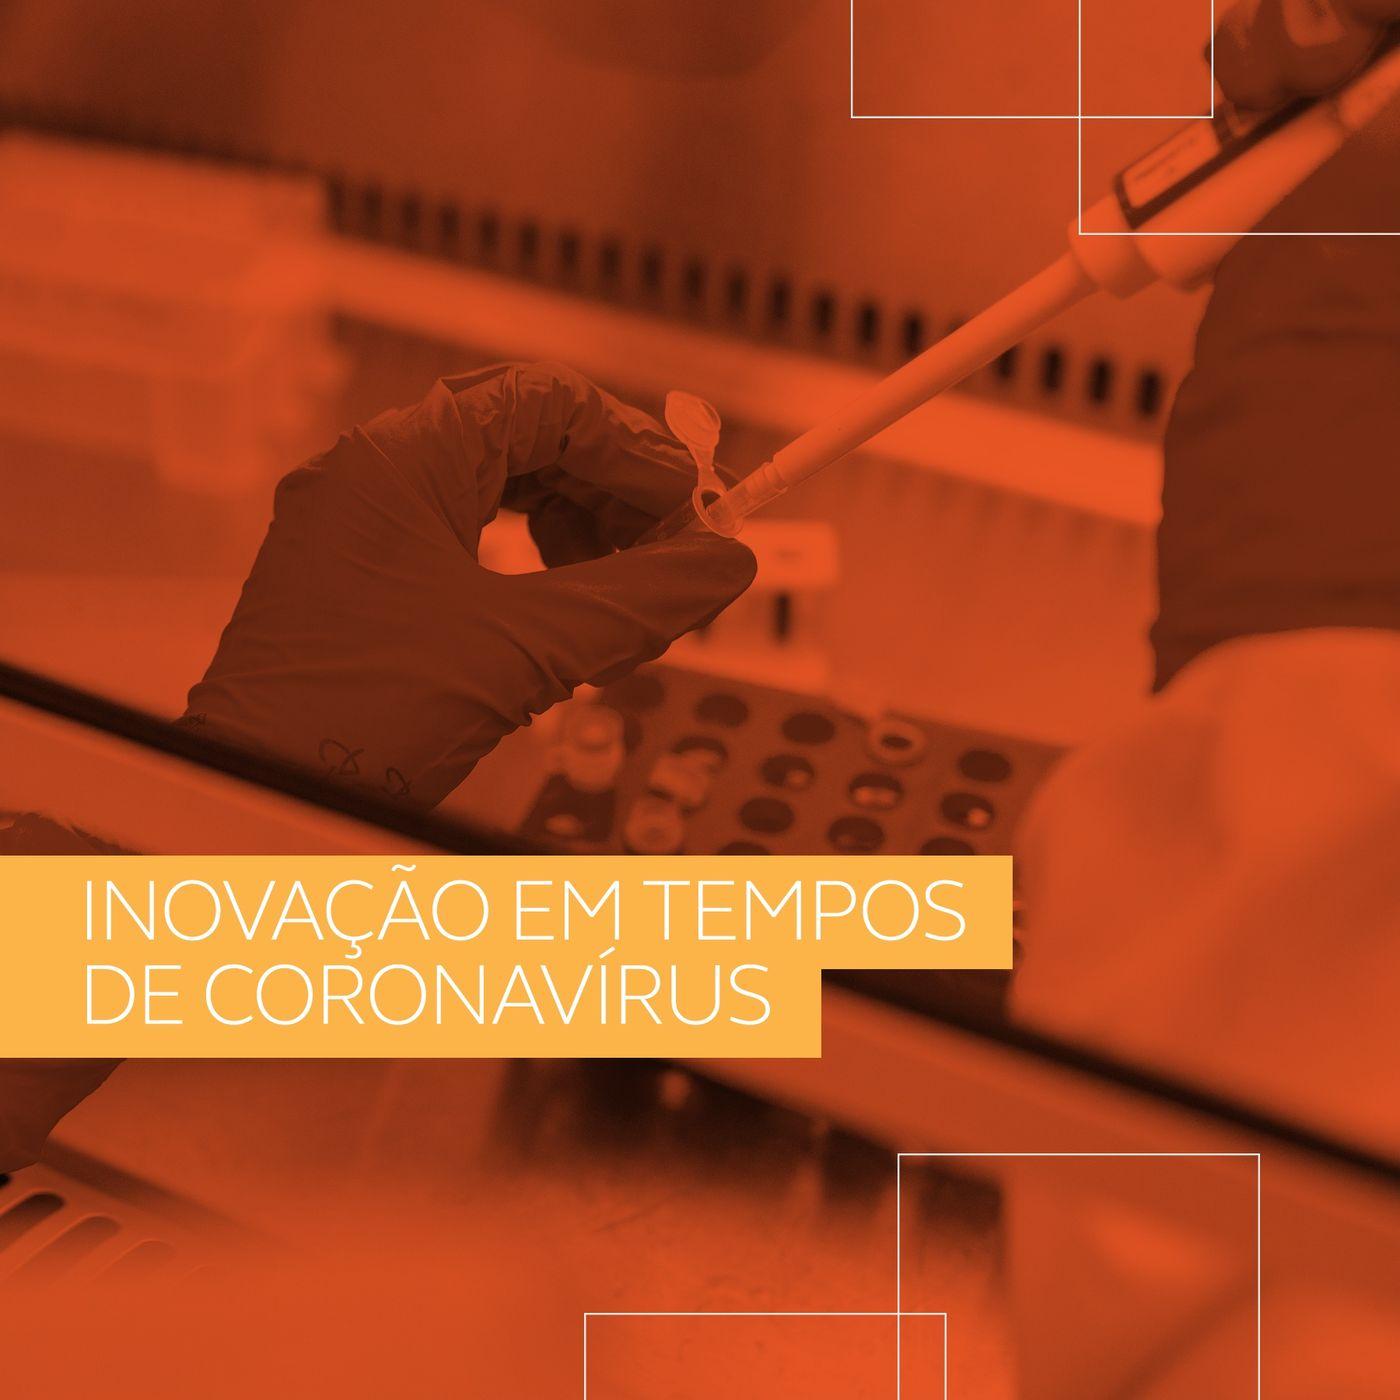 Inovação e desenvolvimento em tempos de coronavírus